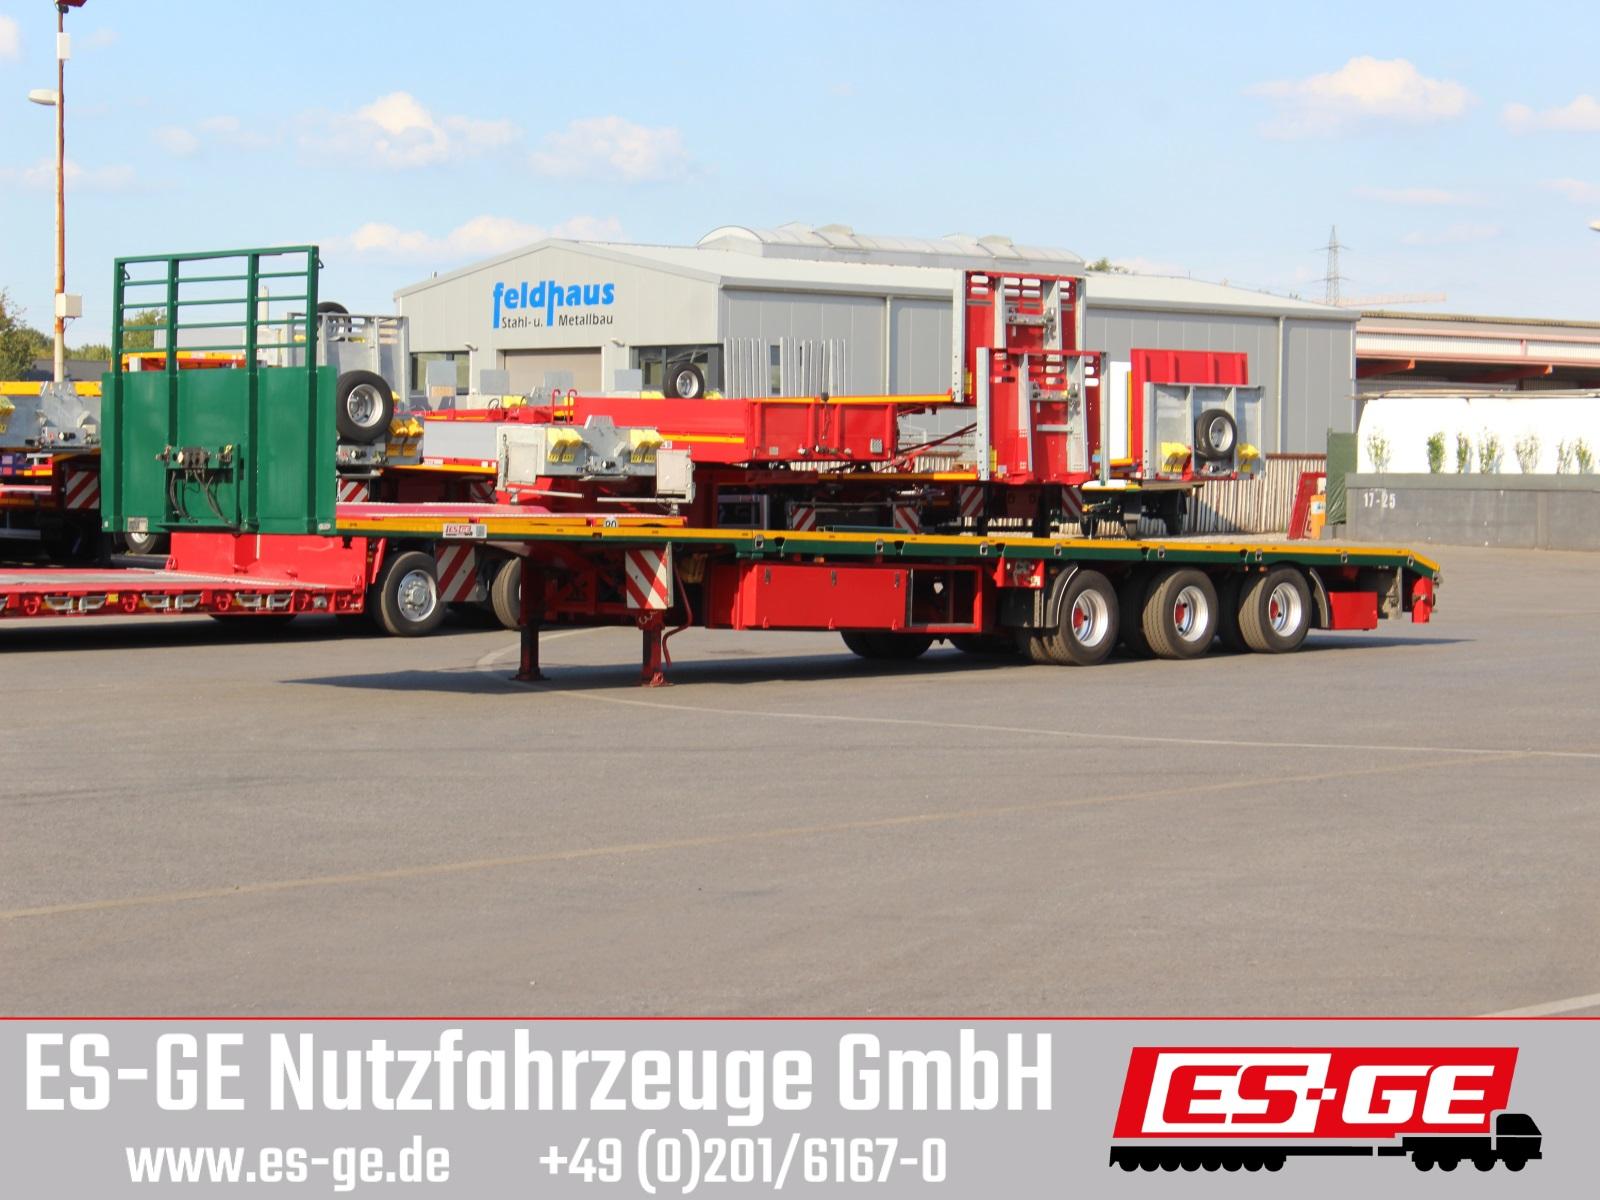 ES-GE 3-Achs-Megatrailer - teleskopierbar